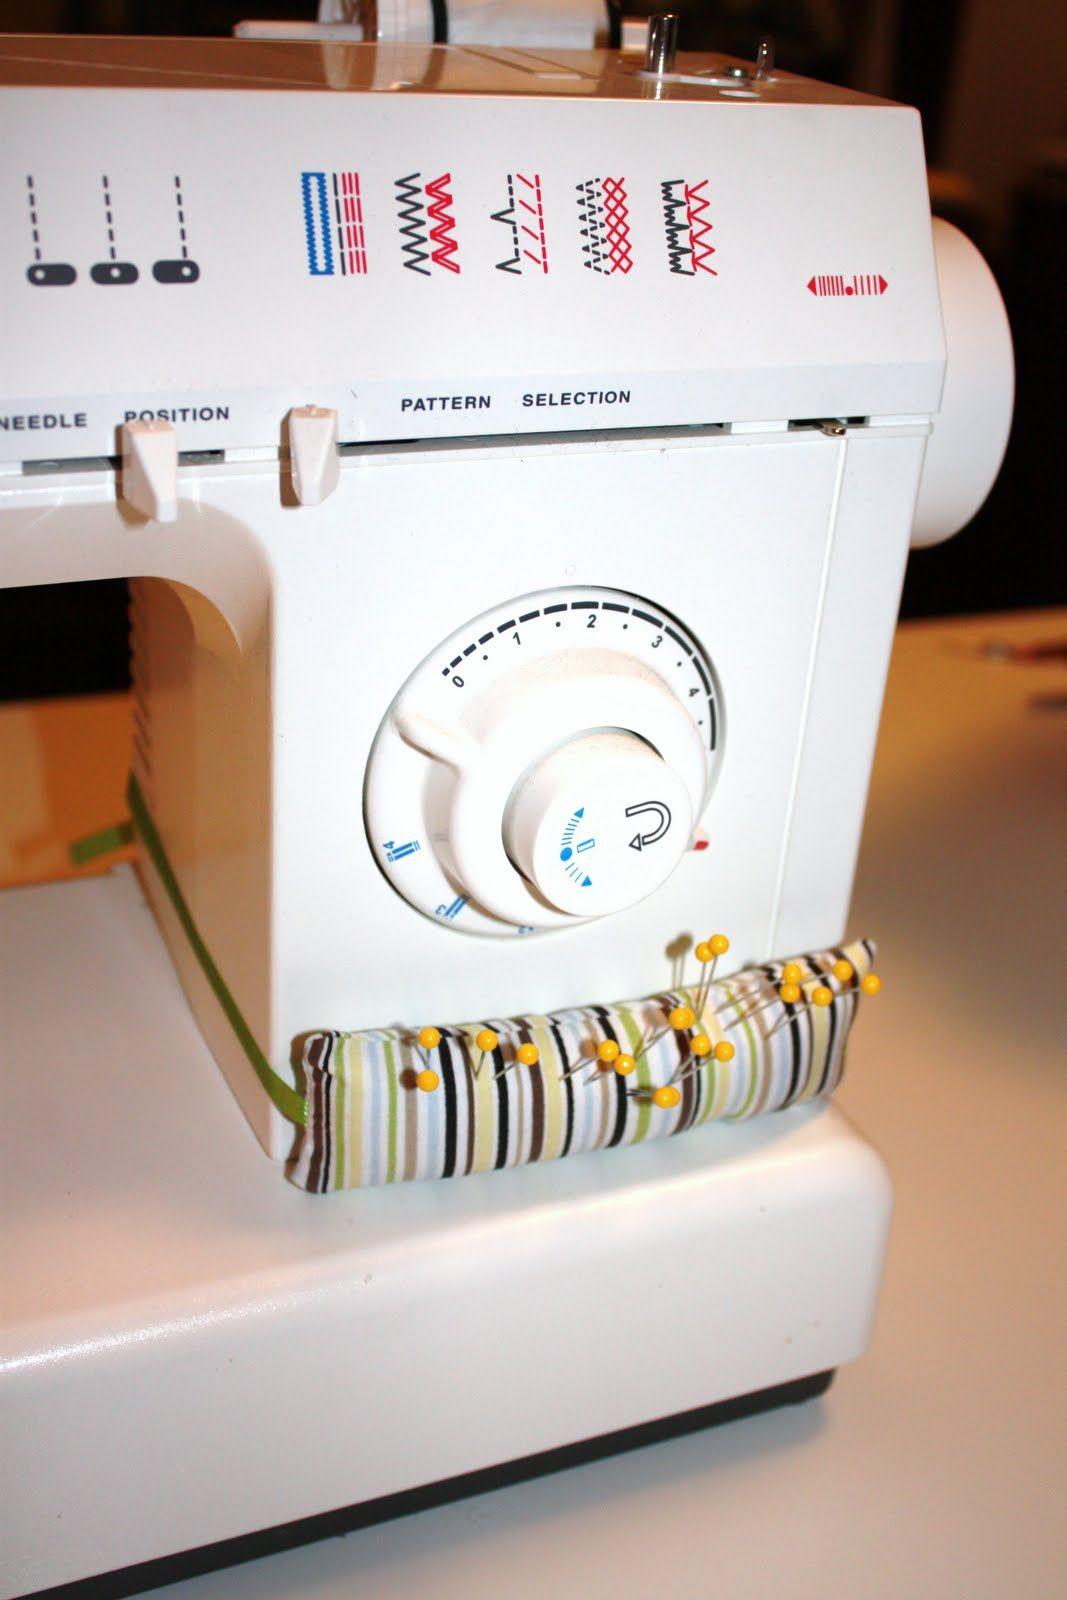 Pin de Jess Gourley en projects | Pinterest | Alfileteros, Costura y ...